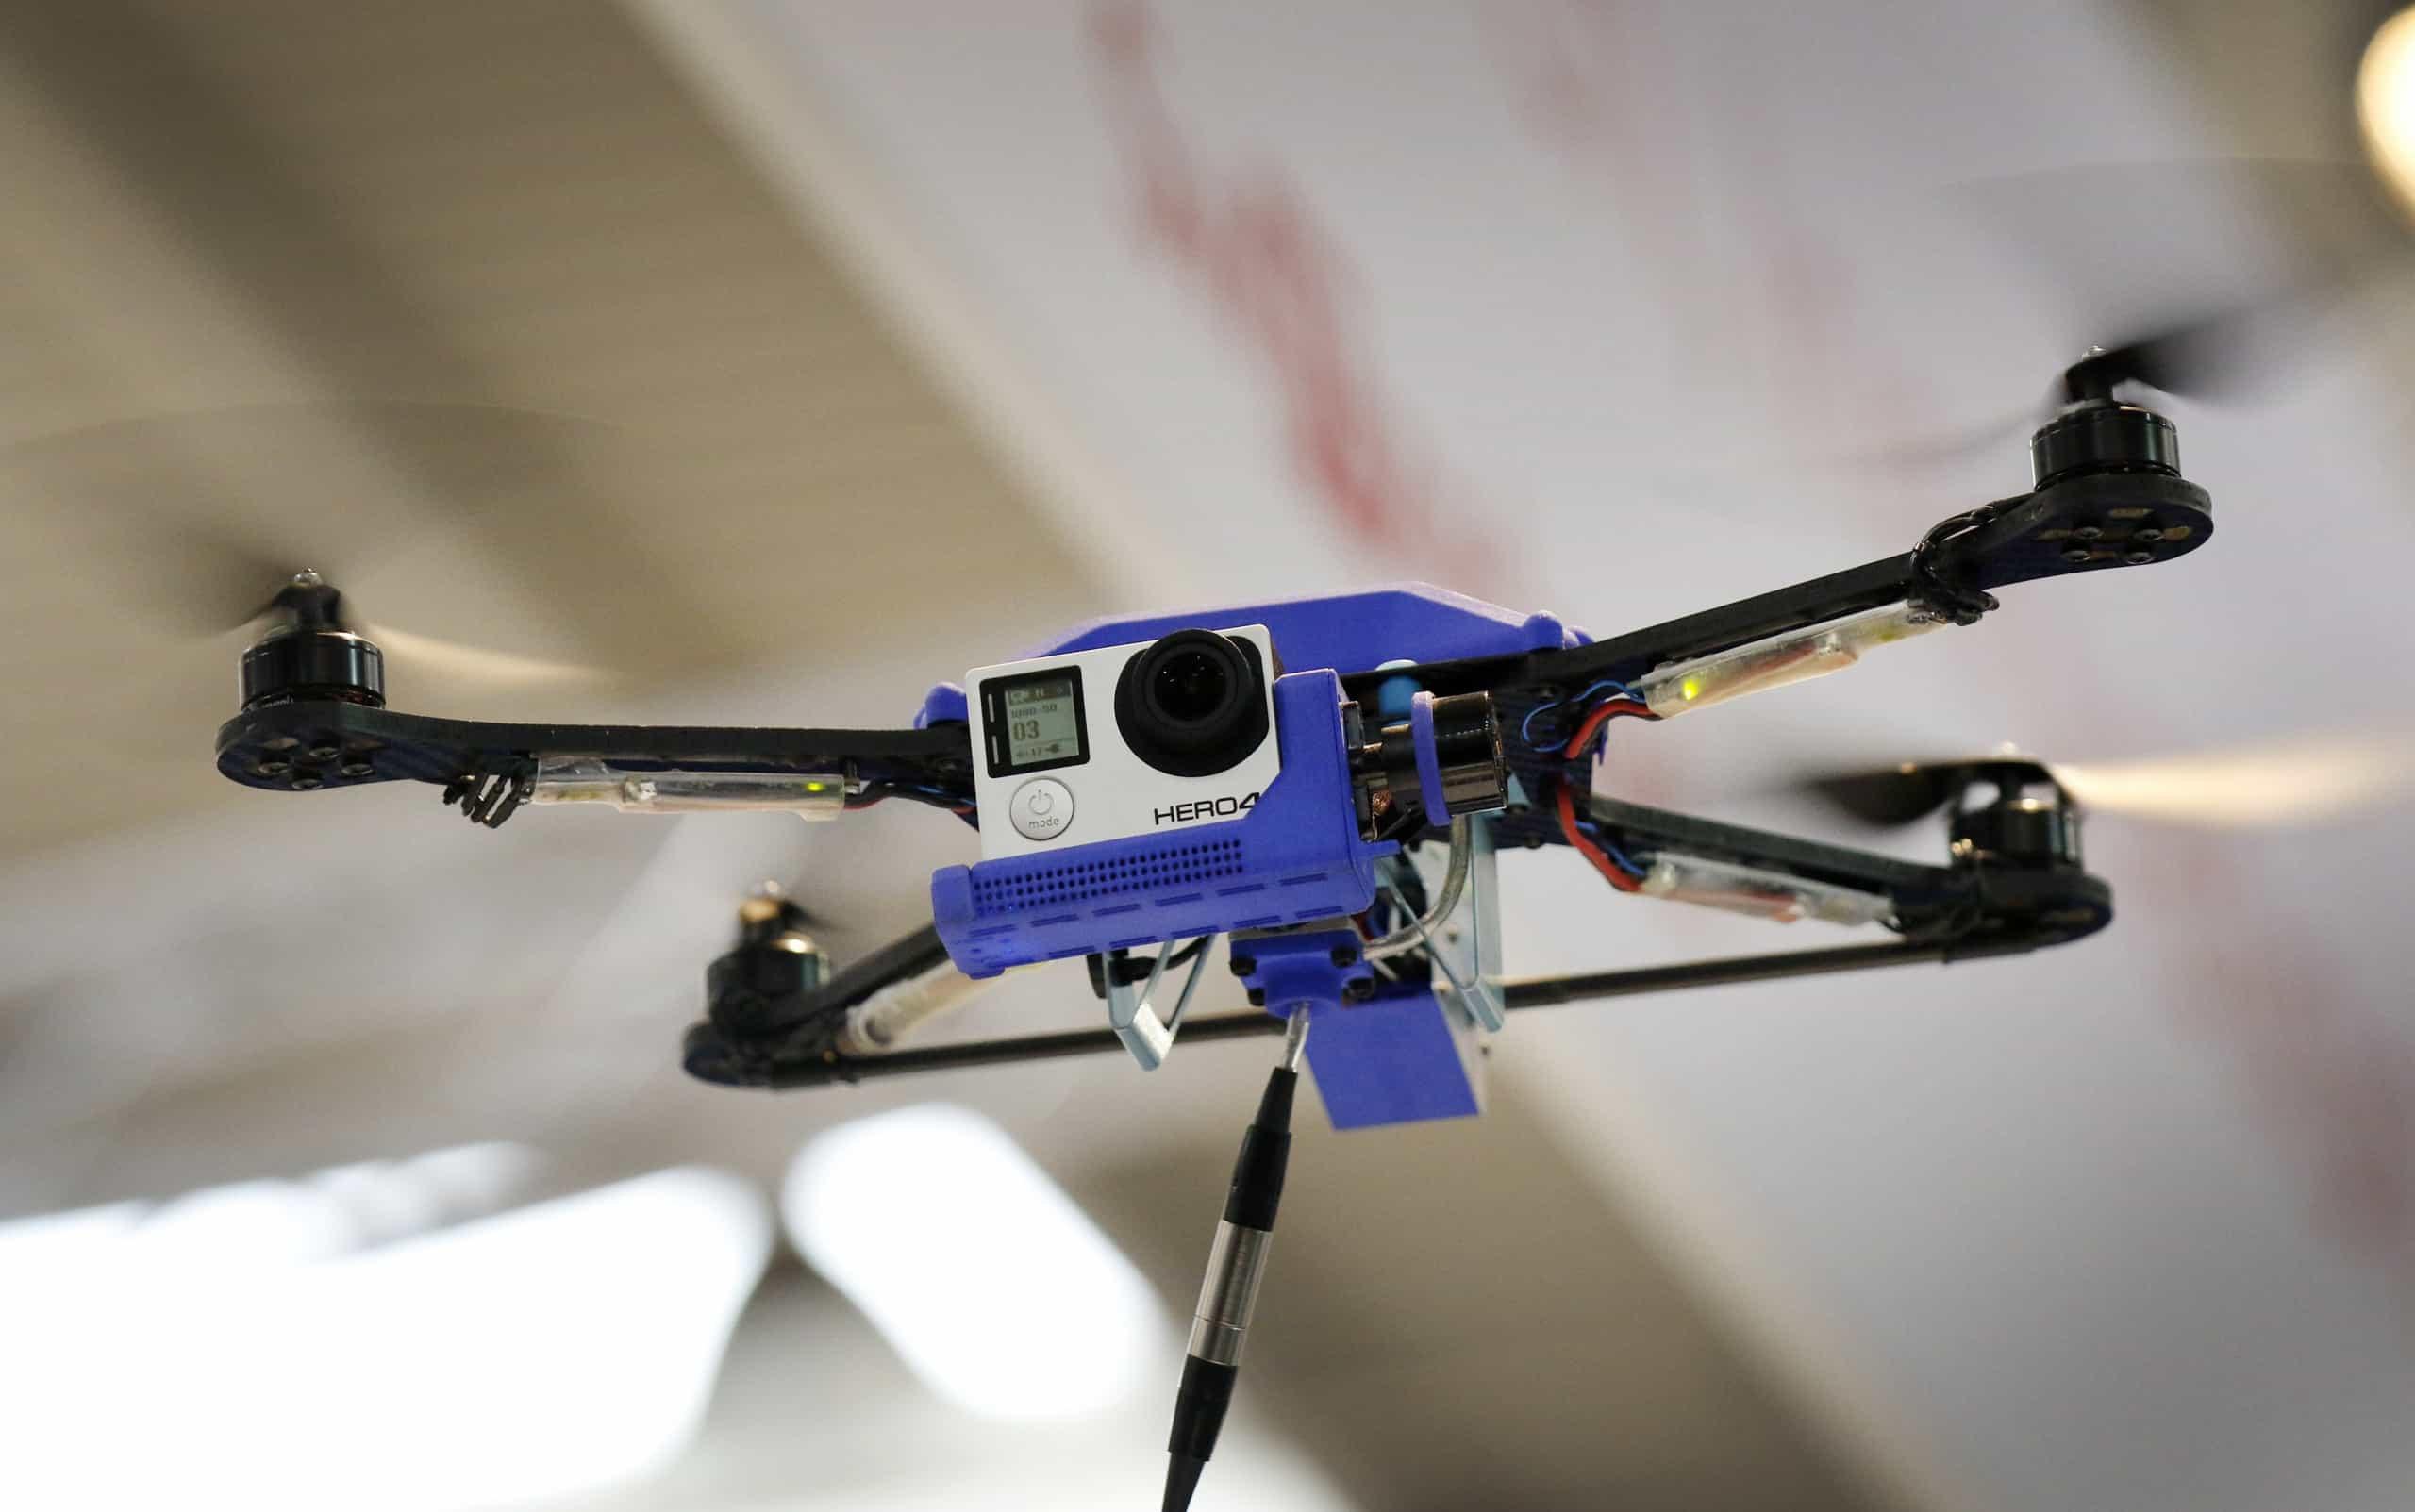 Multa de 3.900 euros para dono de drone que caiu na pista do Aeroporto